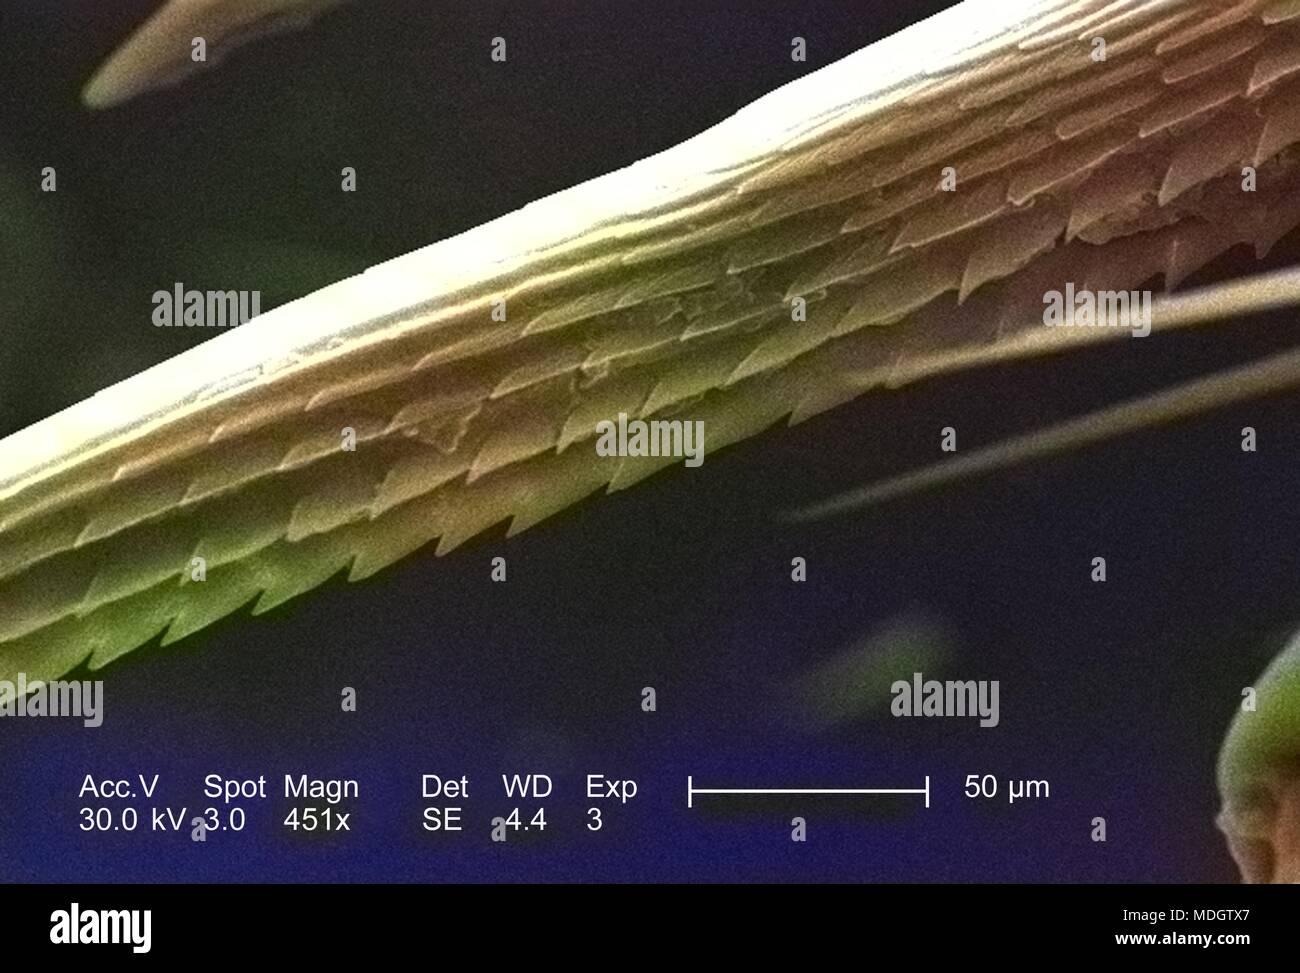 Anatomische Morphologie in der exoskeletal adnexale Widerhaken eines nicht identifizierten Roach, in der 451 x vergrößert dargestellt Rasterelektronenmikroskopische (SEM) Bild, 2005. Mit freundlicher Seuchenkontrollzentren (CDC)/Janice Haney Carr, Connie Blumen. Hinweis: Das Bild hat digital über ein modernes Prozess eingefärbt worden. Farben können nicht wissenschaftlich korrekt sein. () Stockbild